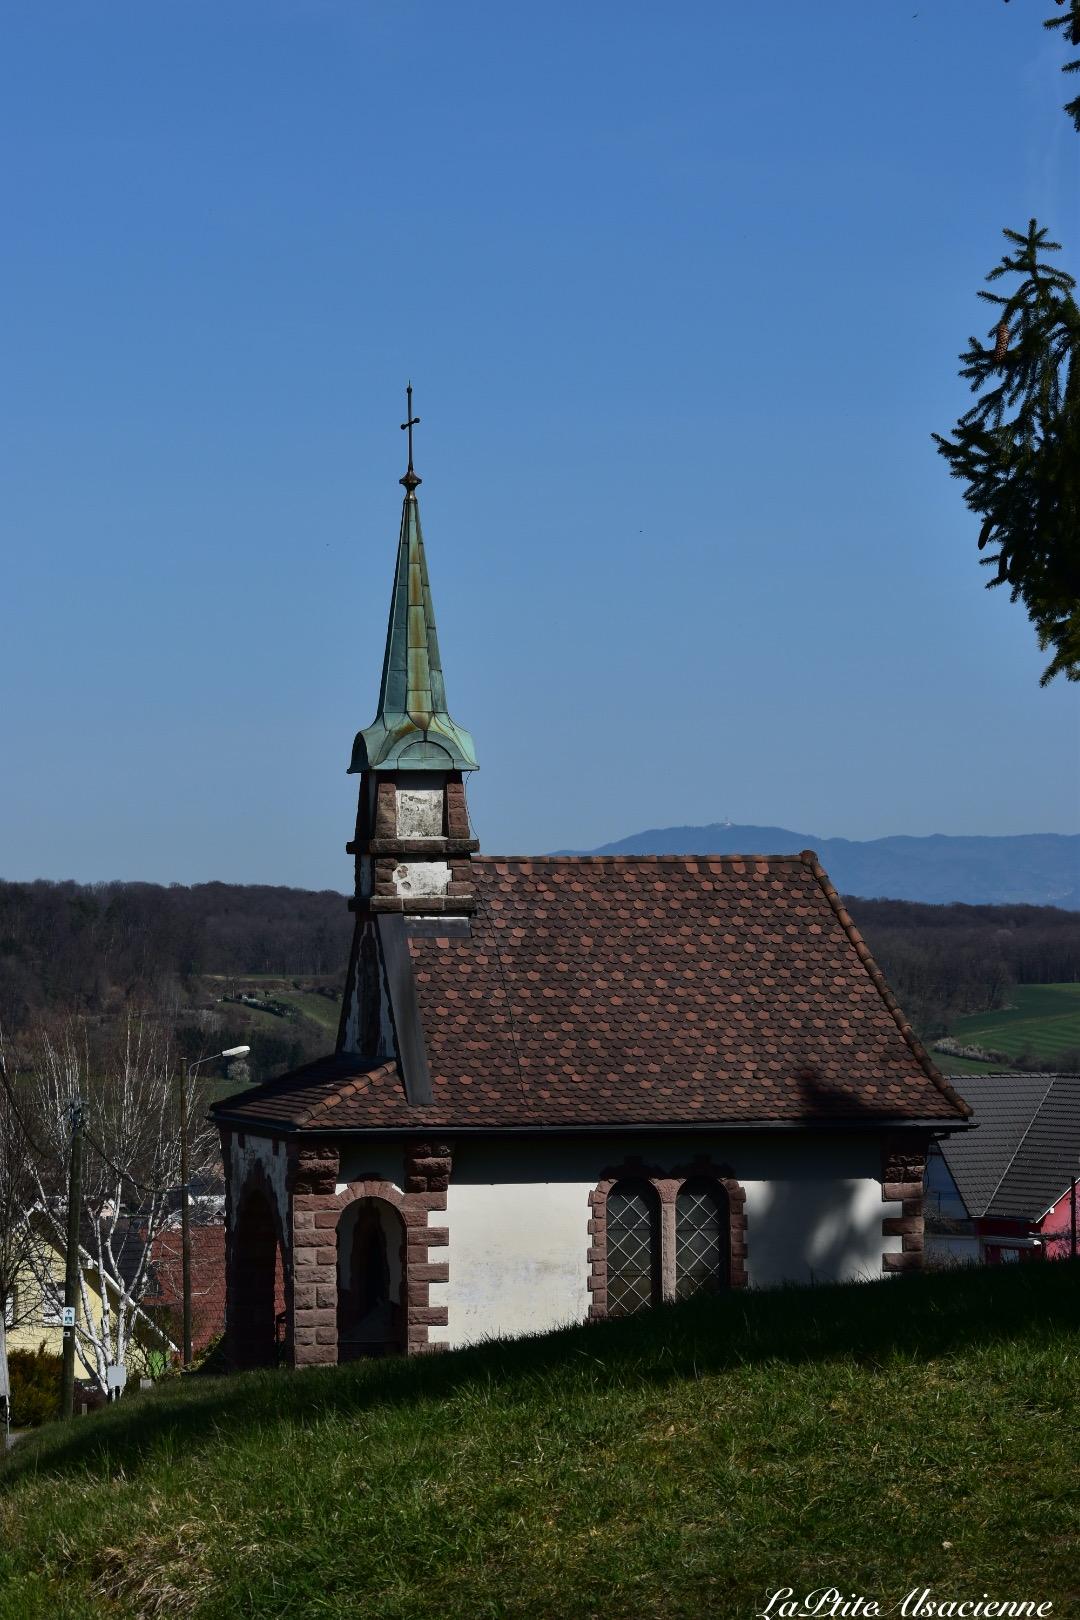 Chapelle des âmes du purgatoire - Sundgau - Leymen - Alsace France